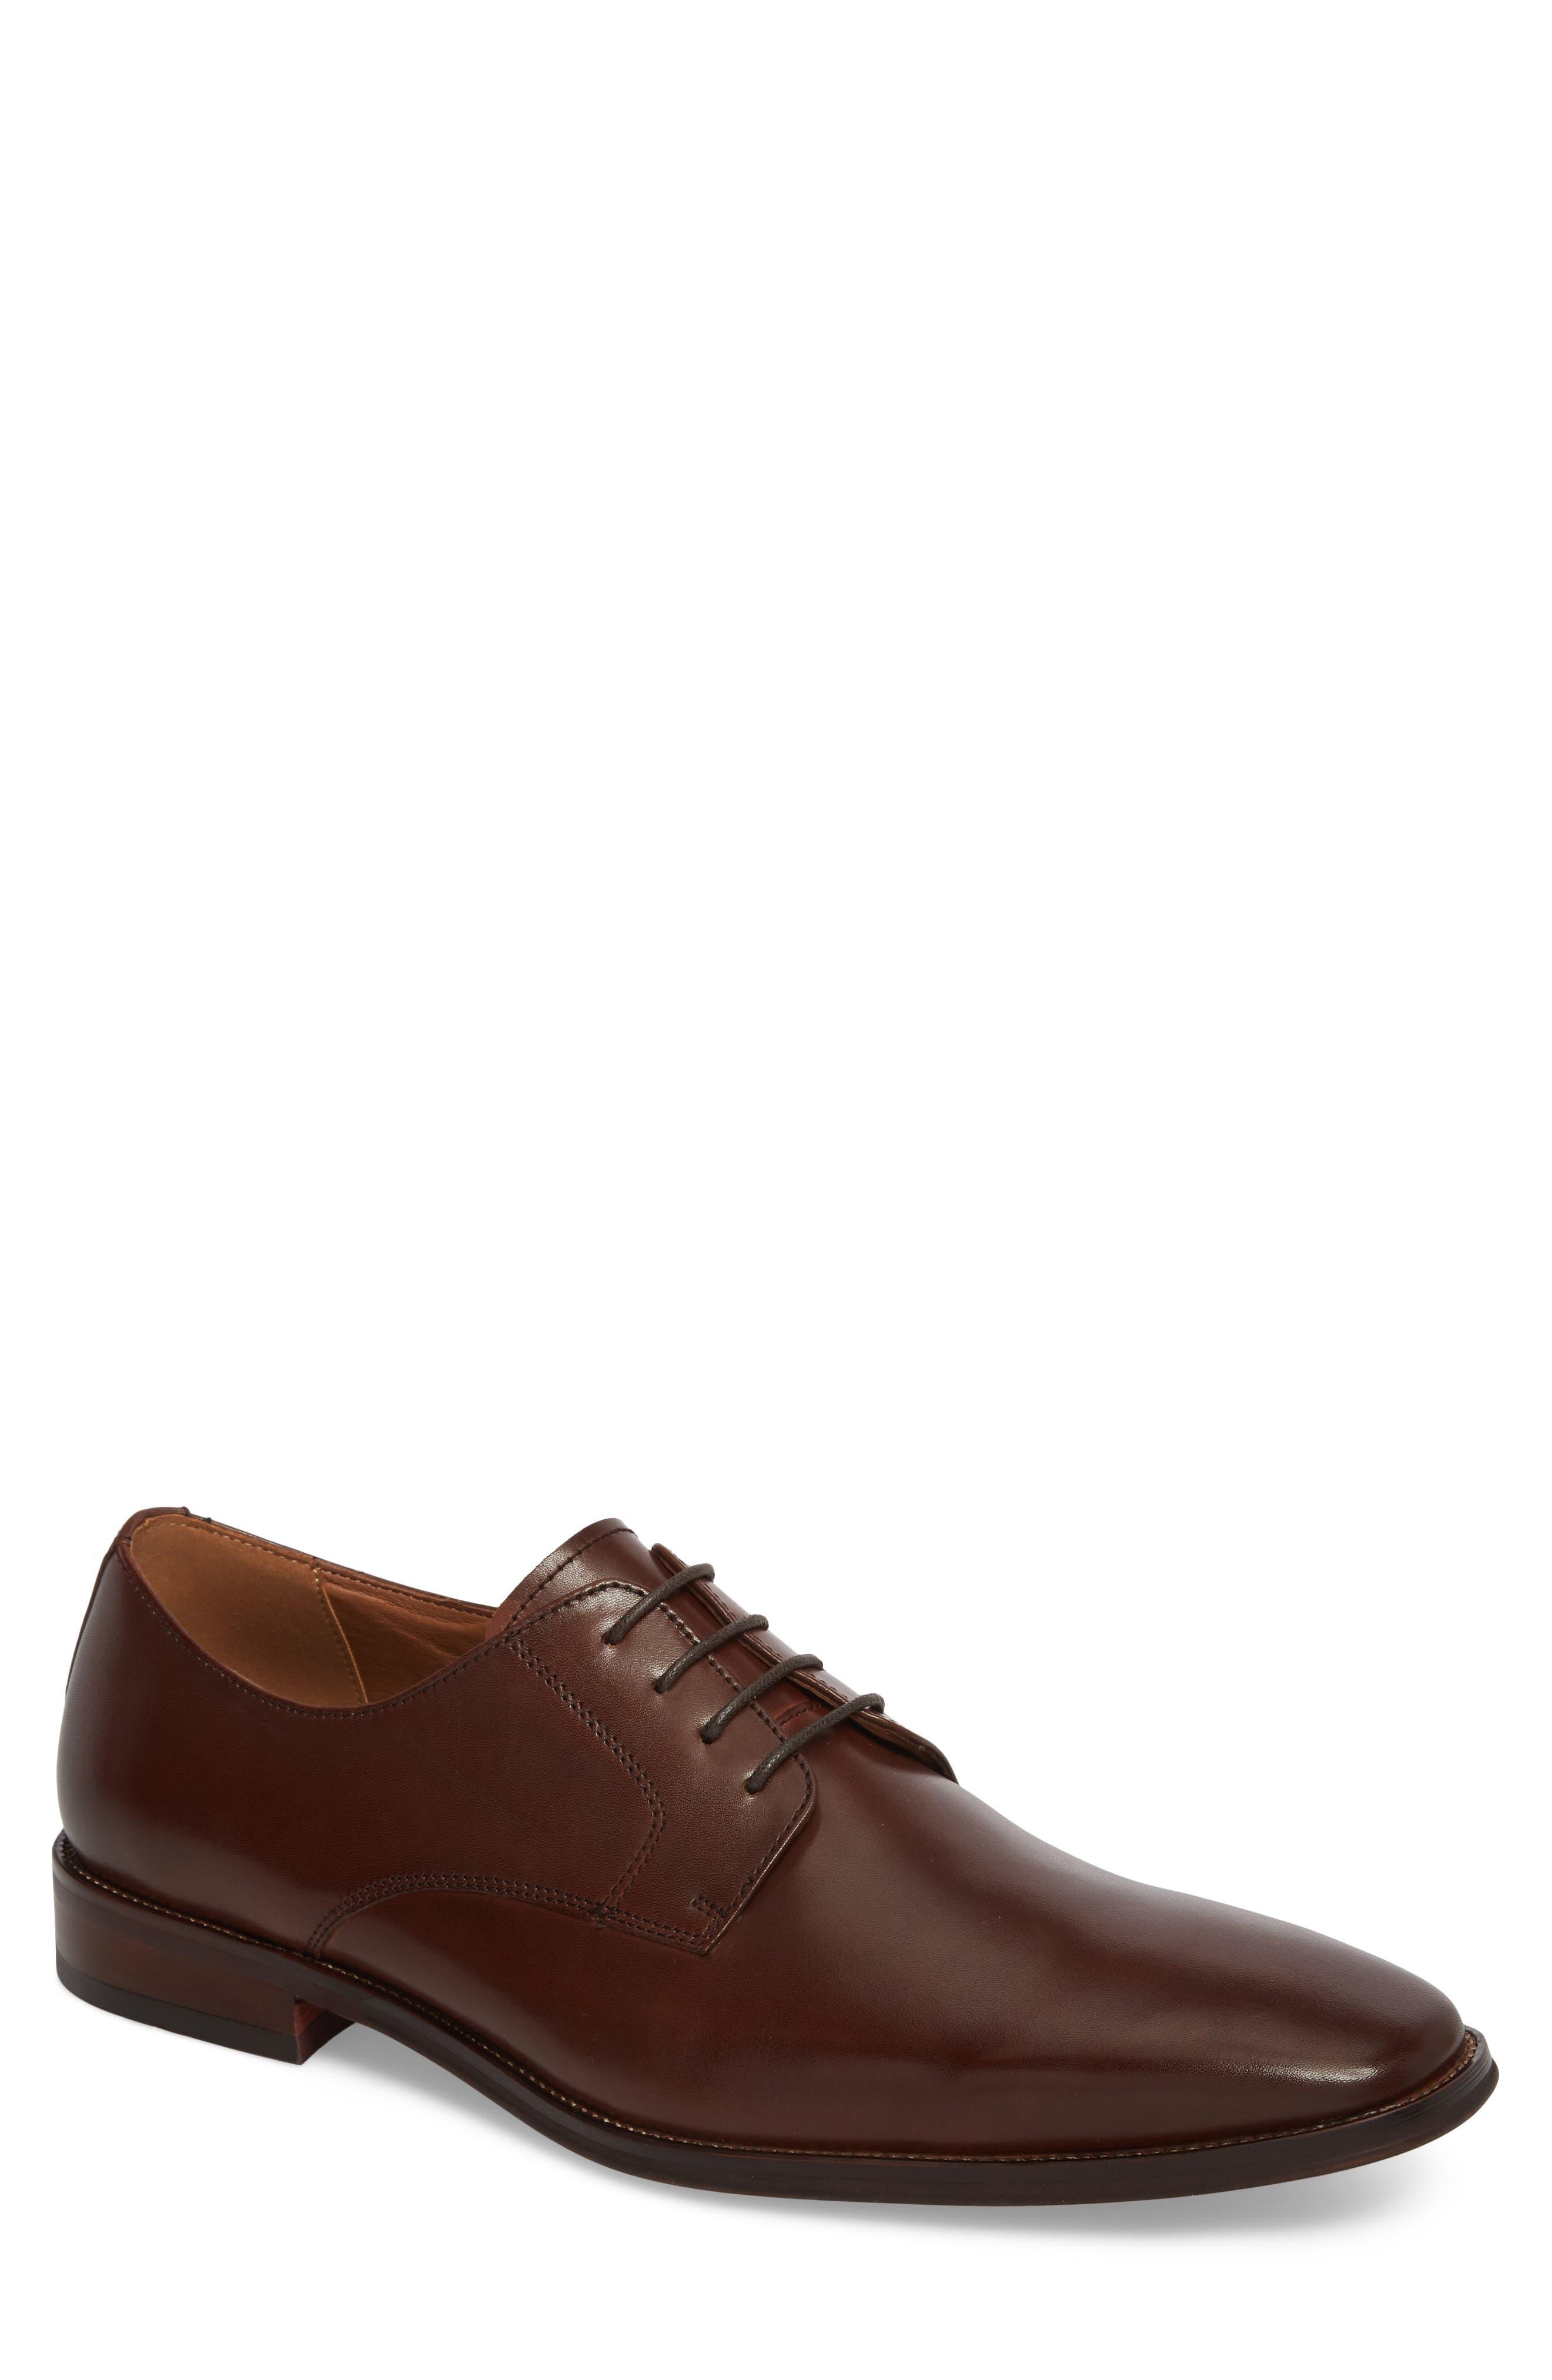 Phoenix Plain Toe Derby,                         Main,                         color, Tan Leather